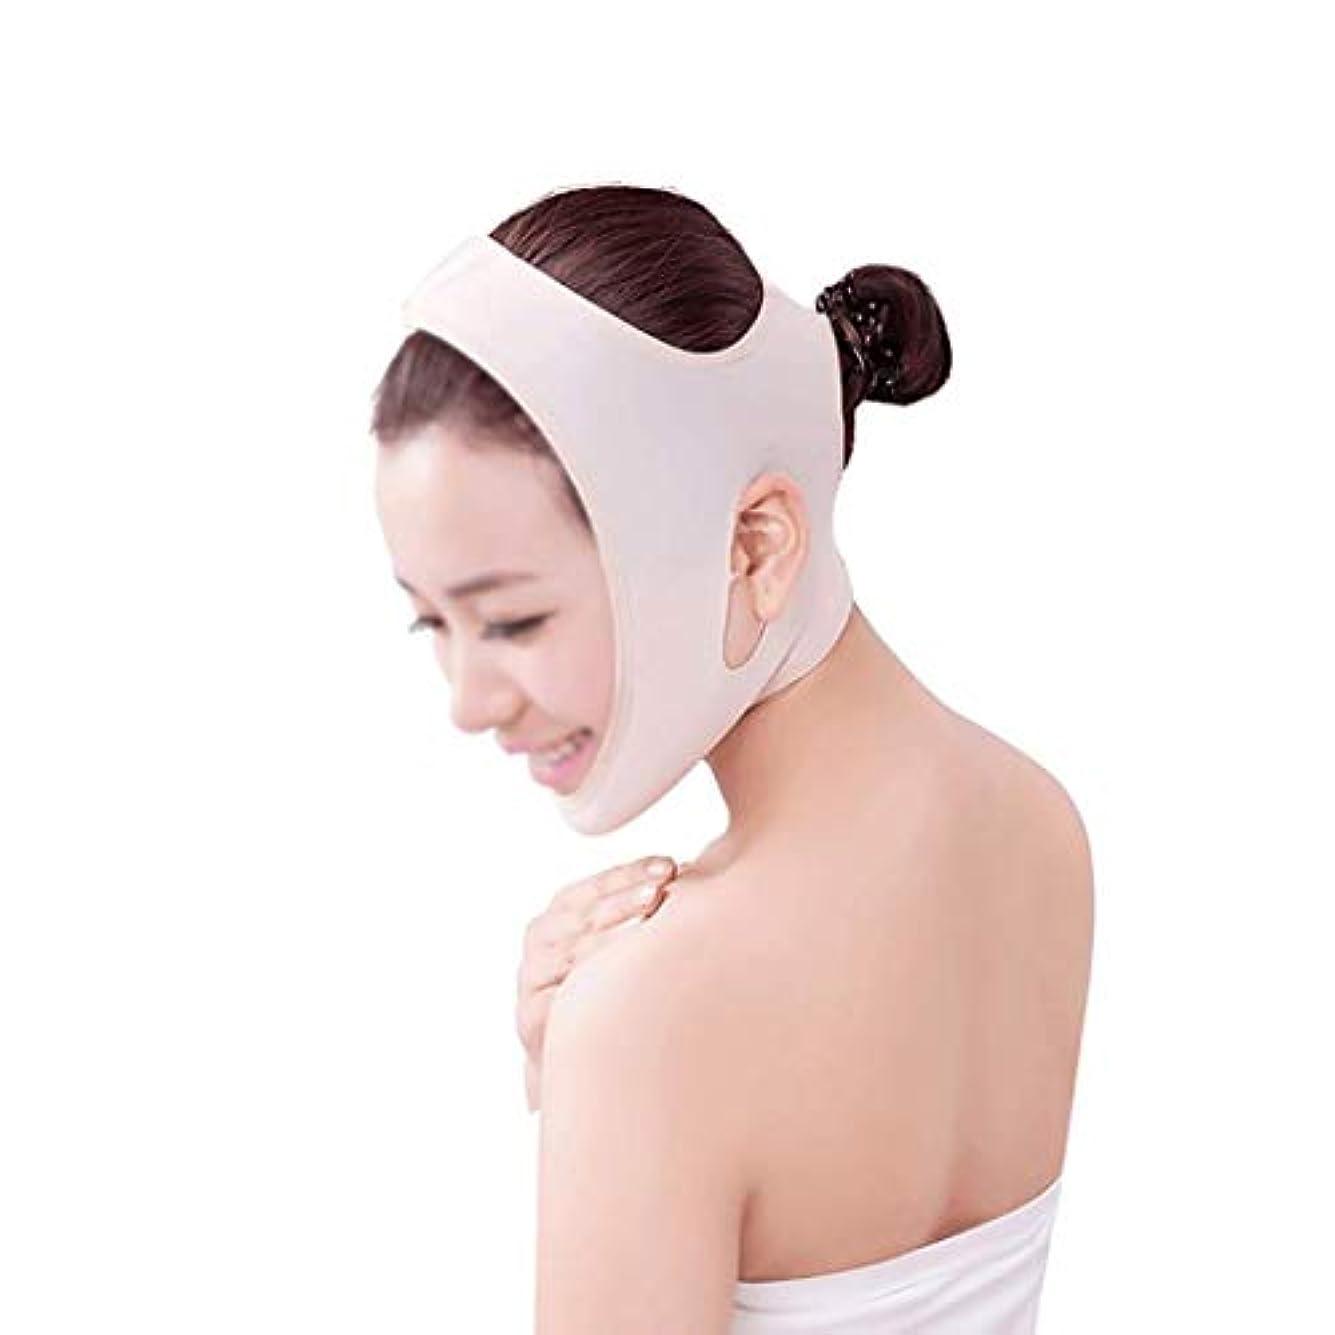 分配します硬い状況フェイス&ネックリフト術後弾性セット美容マスク小Vフェイスアーティファクトタイトリフティングエラスティックバンドリフティングフェイスシンフェイス包帯(サイズ:L)